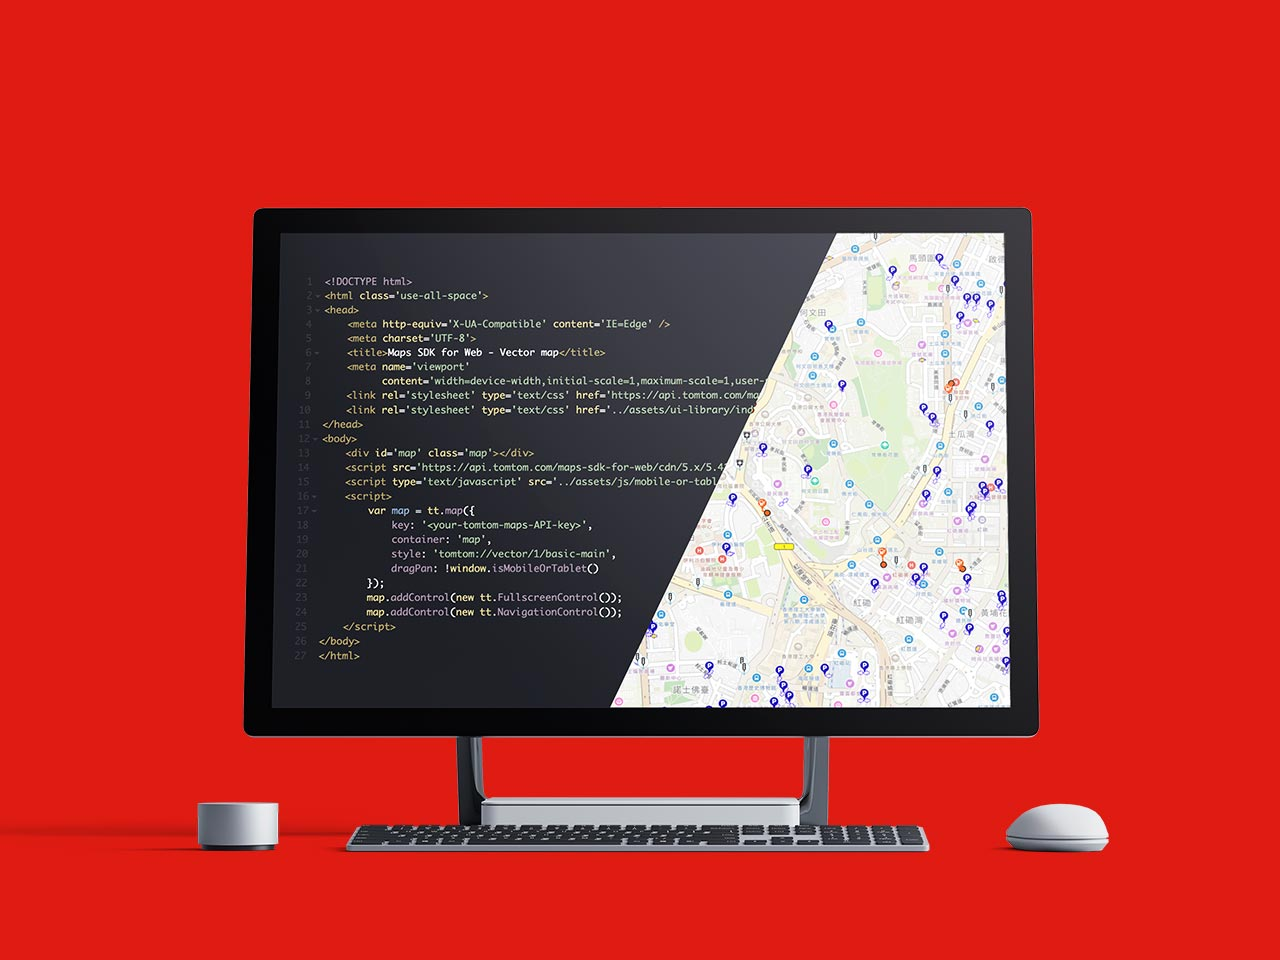 APIs and SDKs